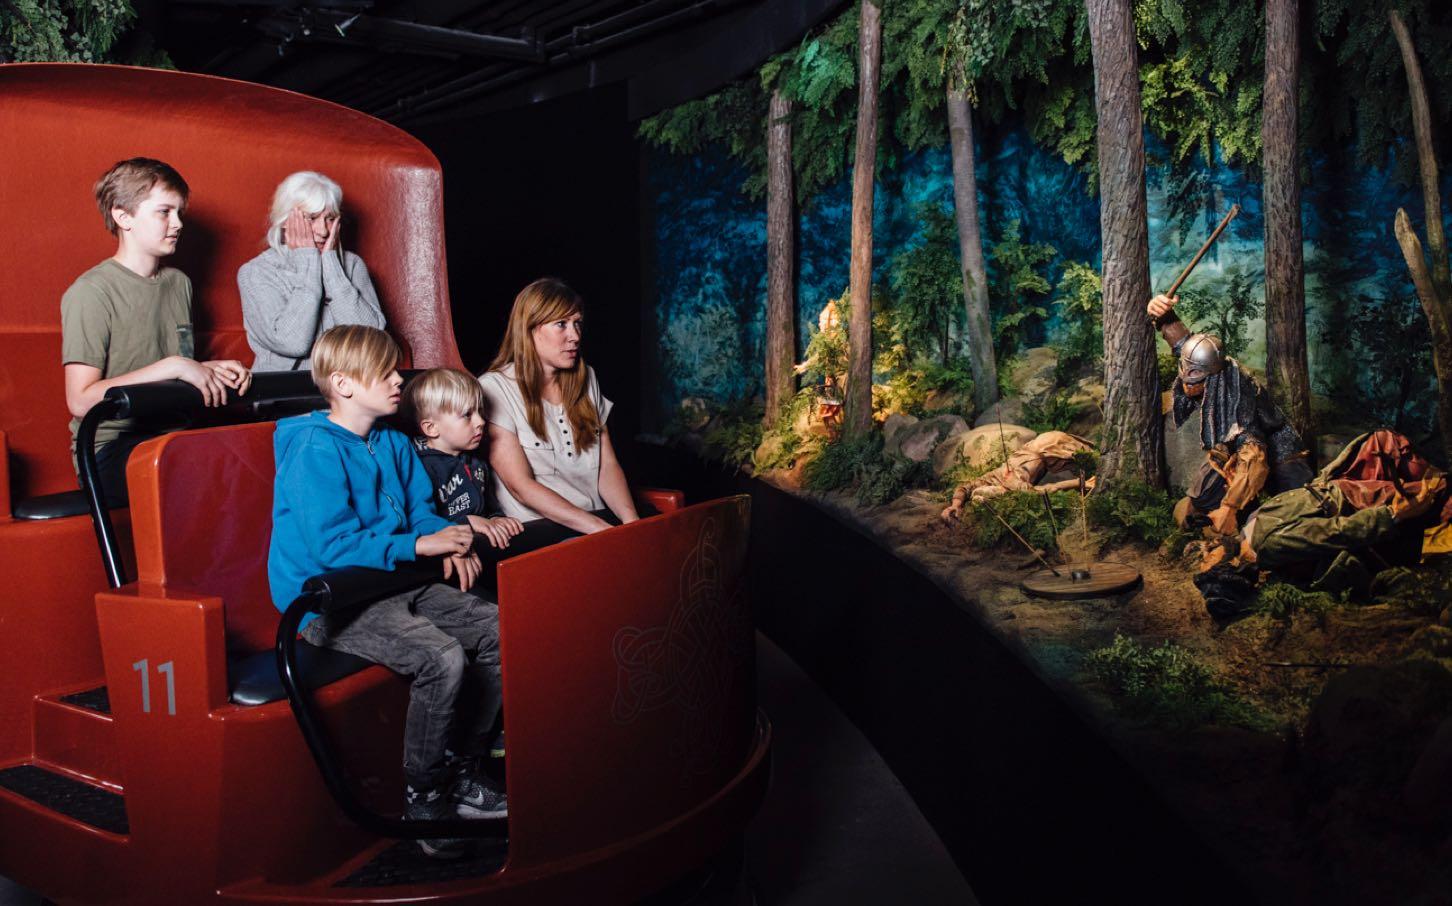 Tukholma nähtävyydet tekemistä päivä Tukholmassa viking line risteily lapsille viikinki laiva museo